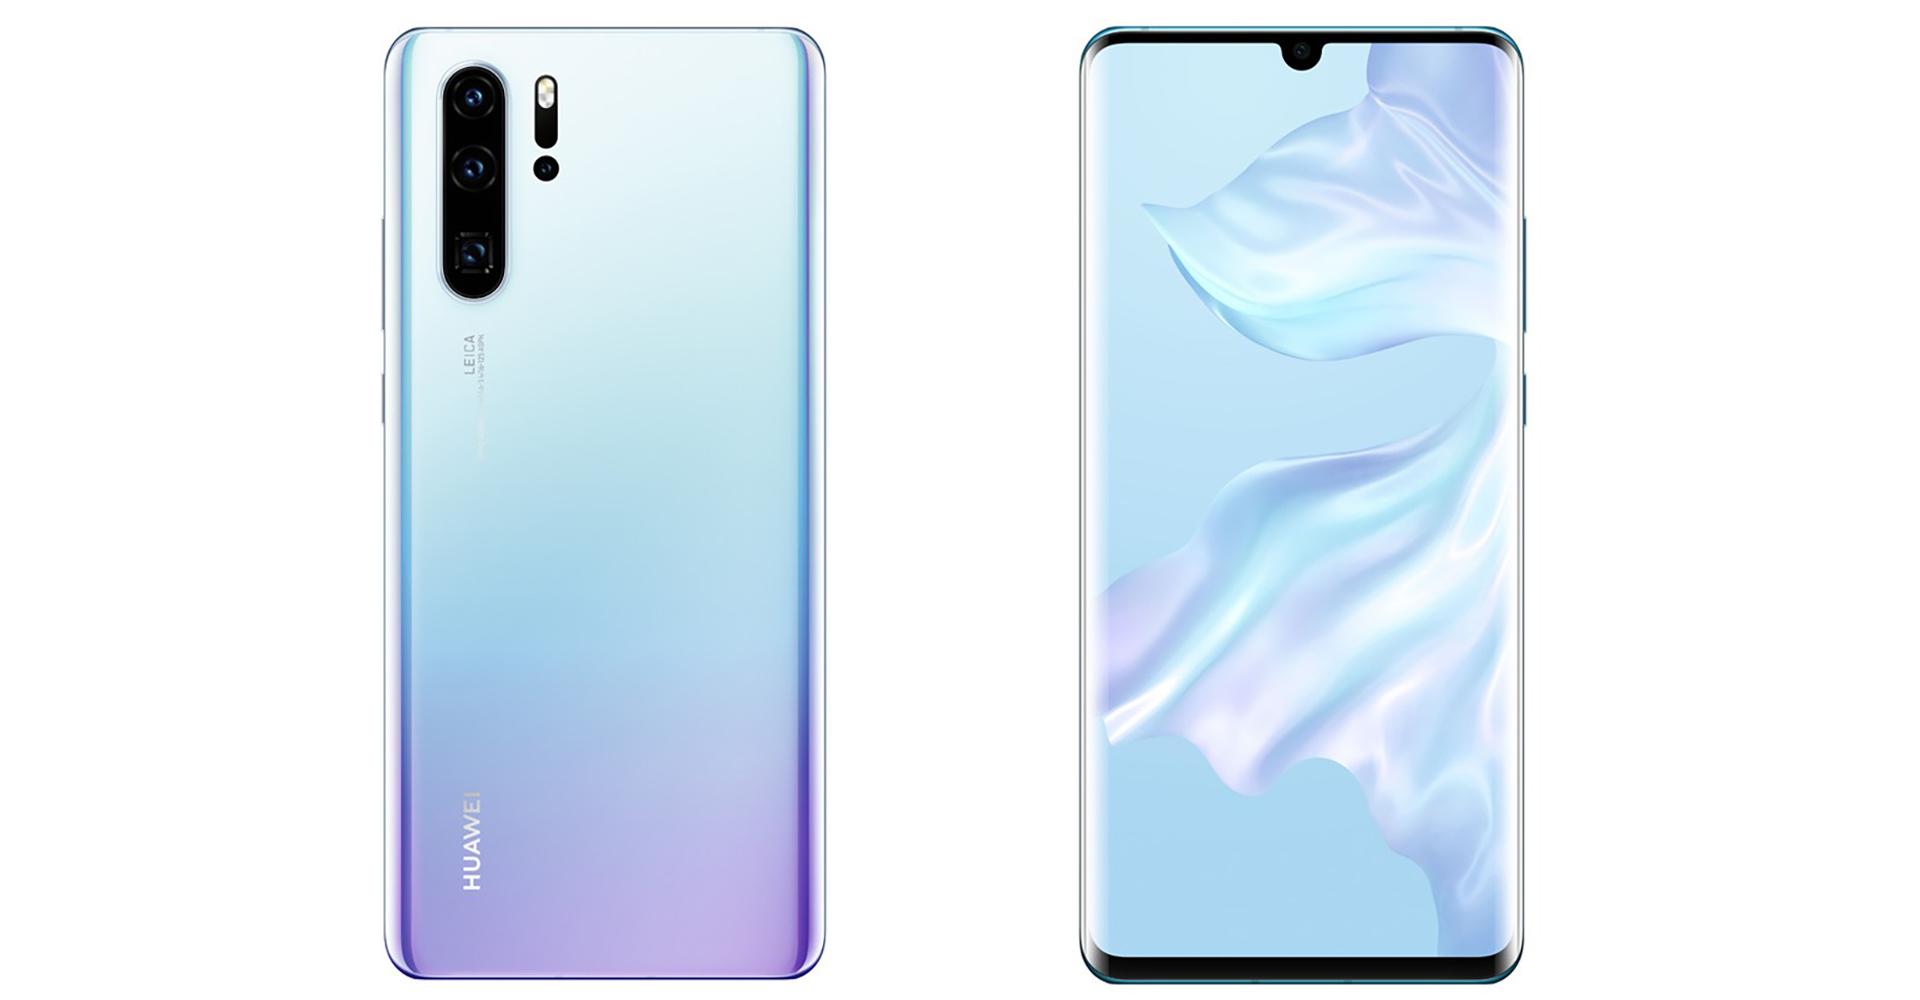 Das Huawei P30: Rückseite und Front